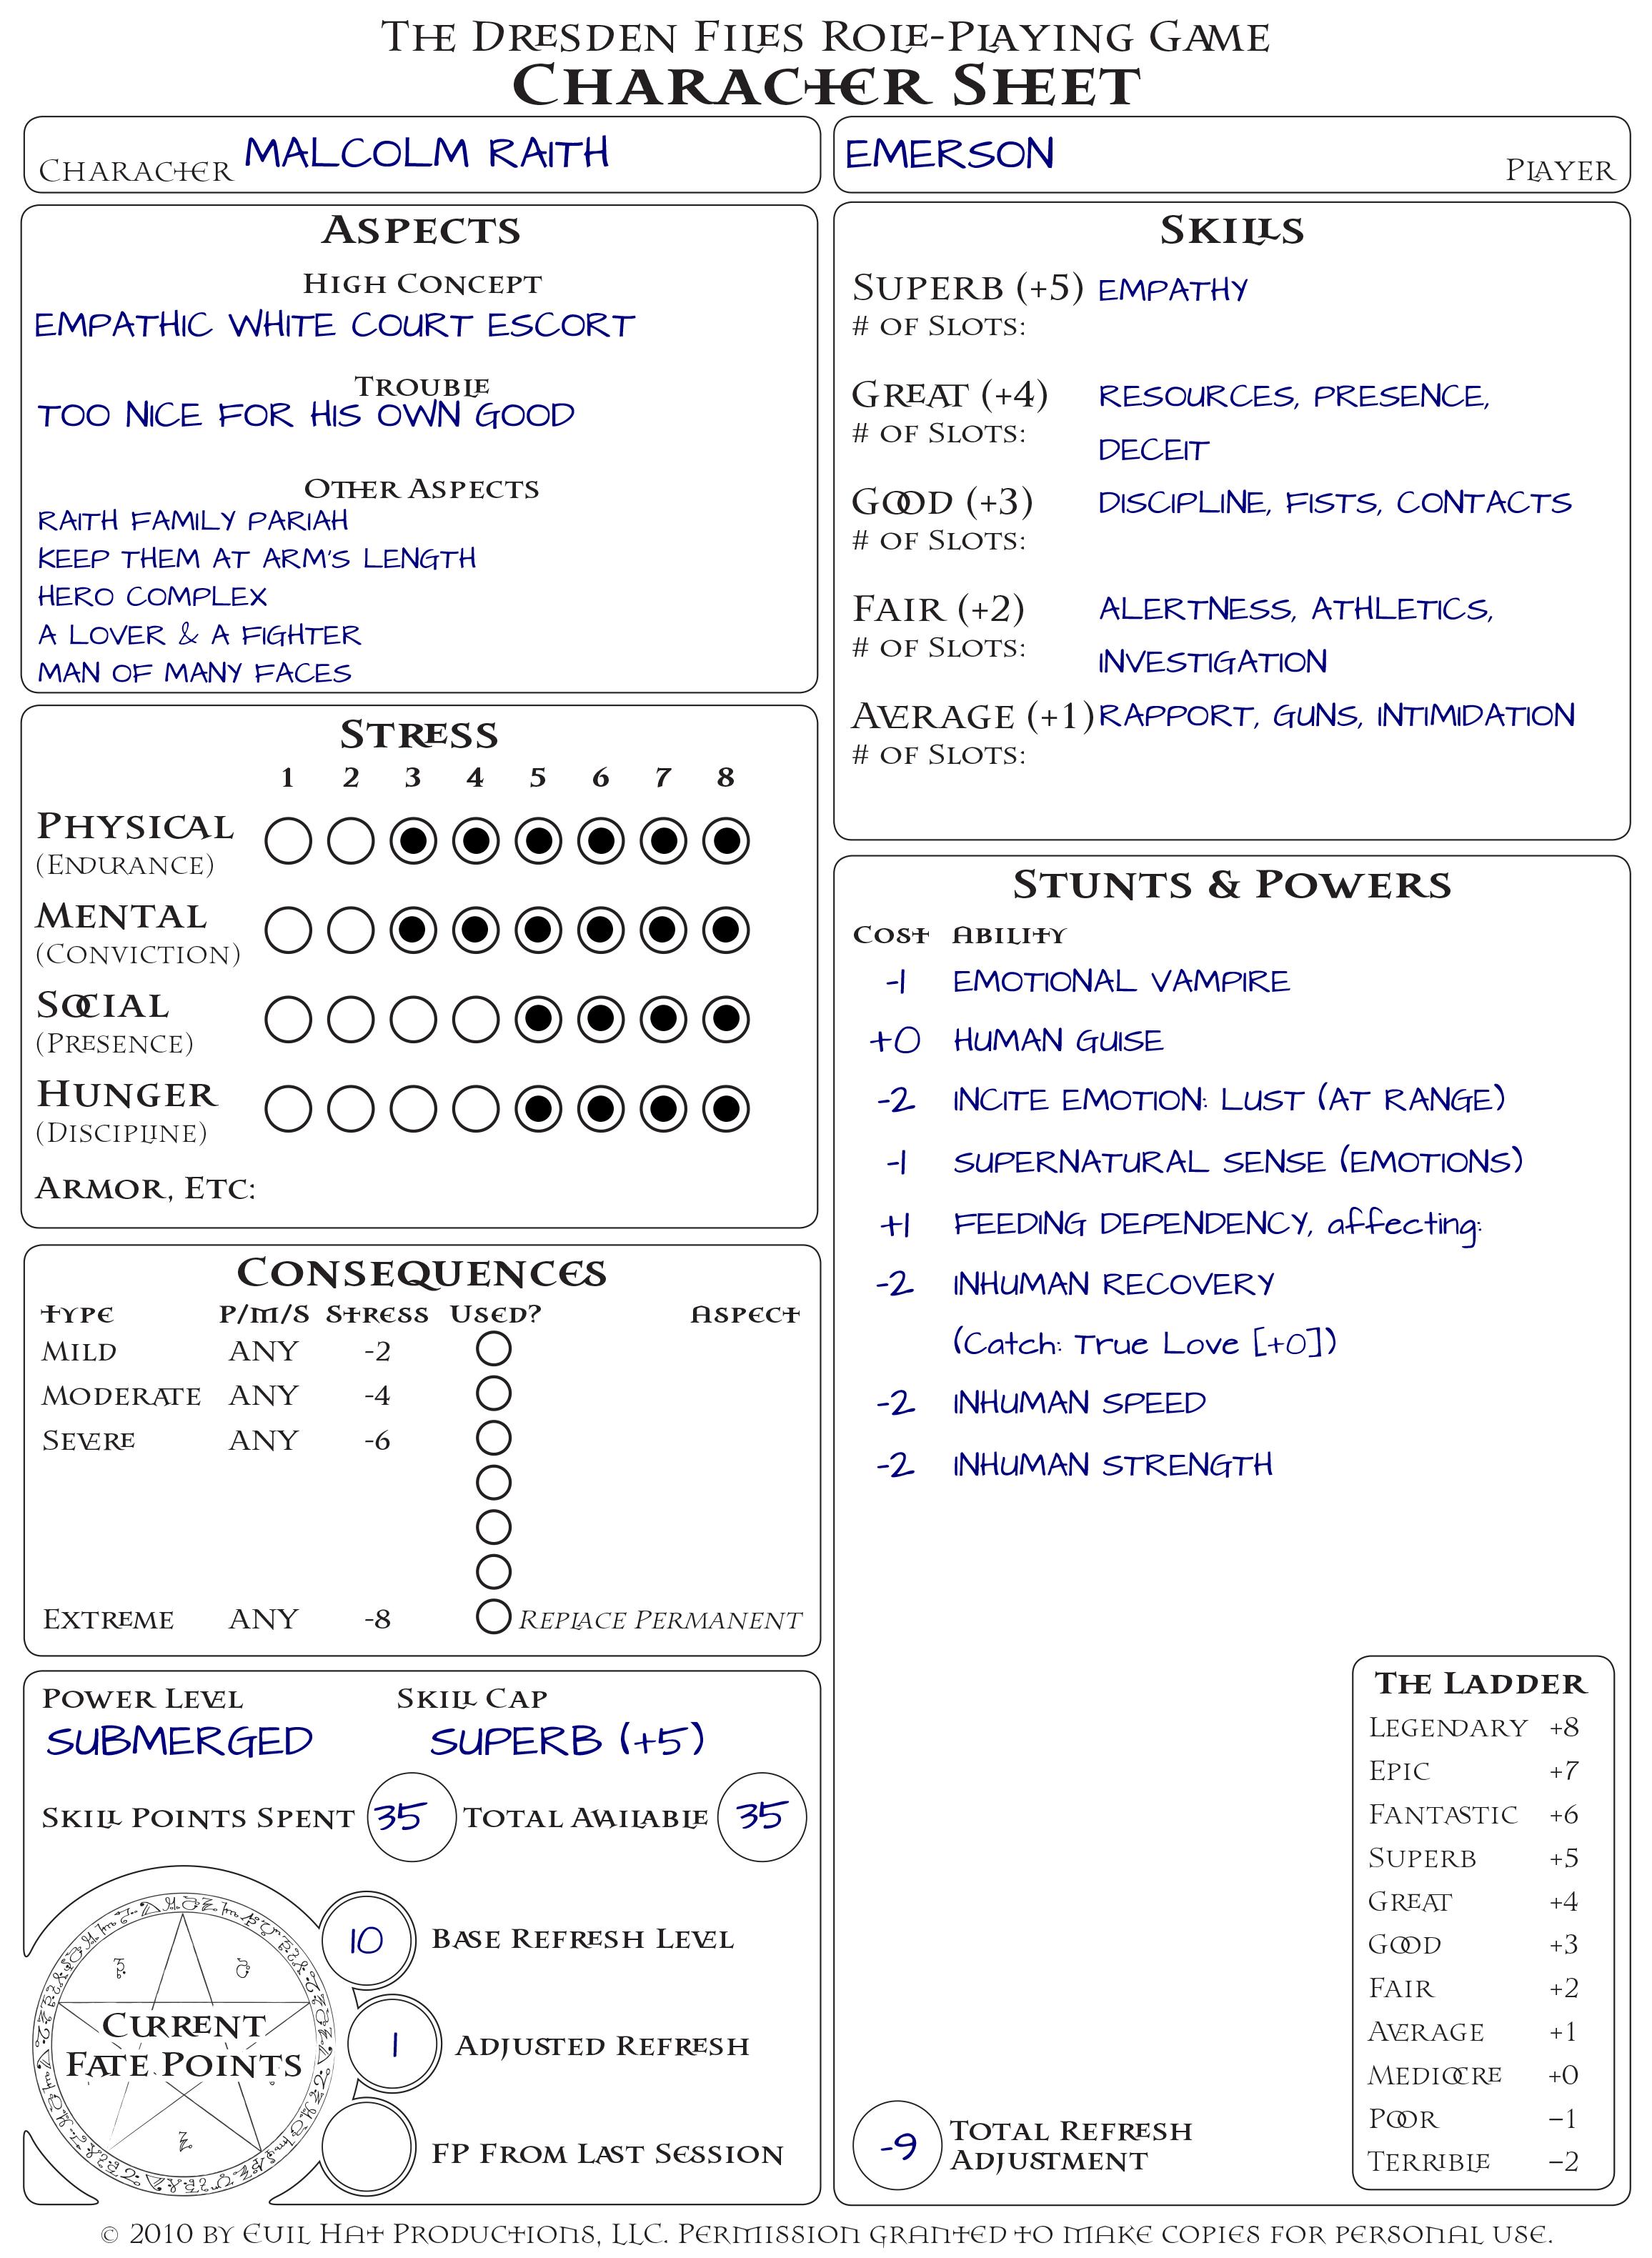 Malcolm-Raith-1.png